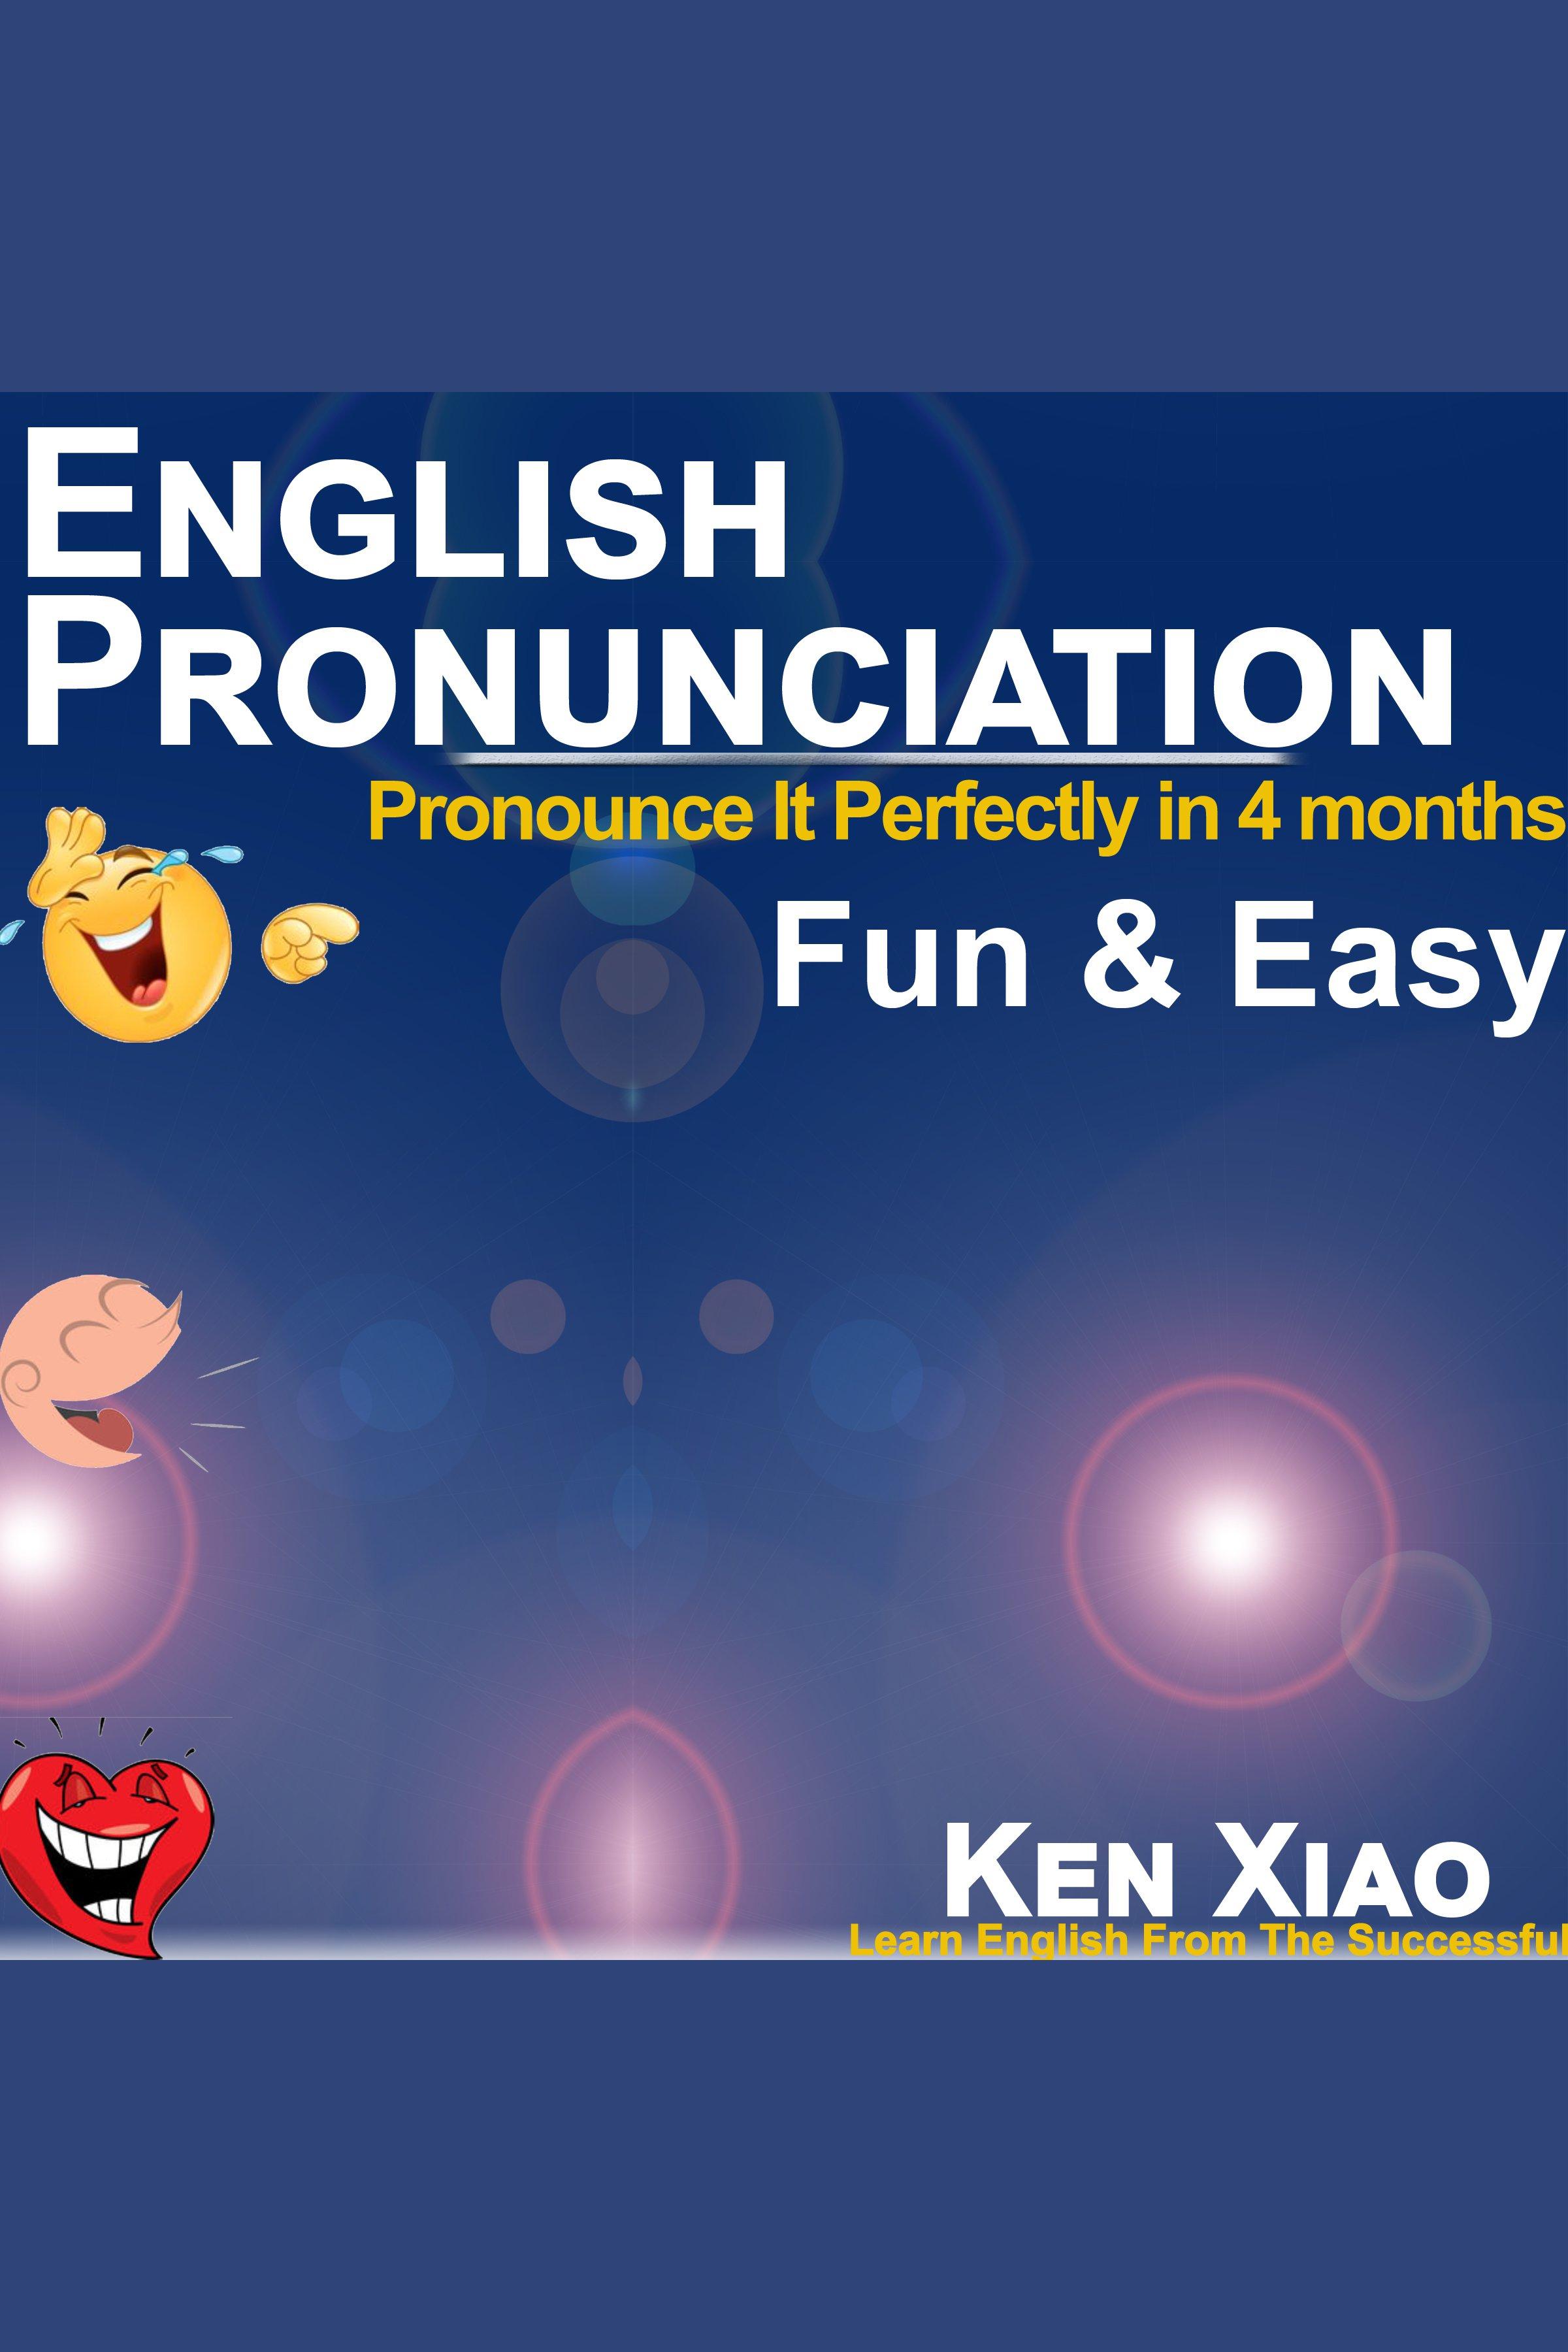 Esta es la portada del audiolibro English Pronunciation